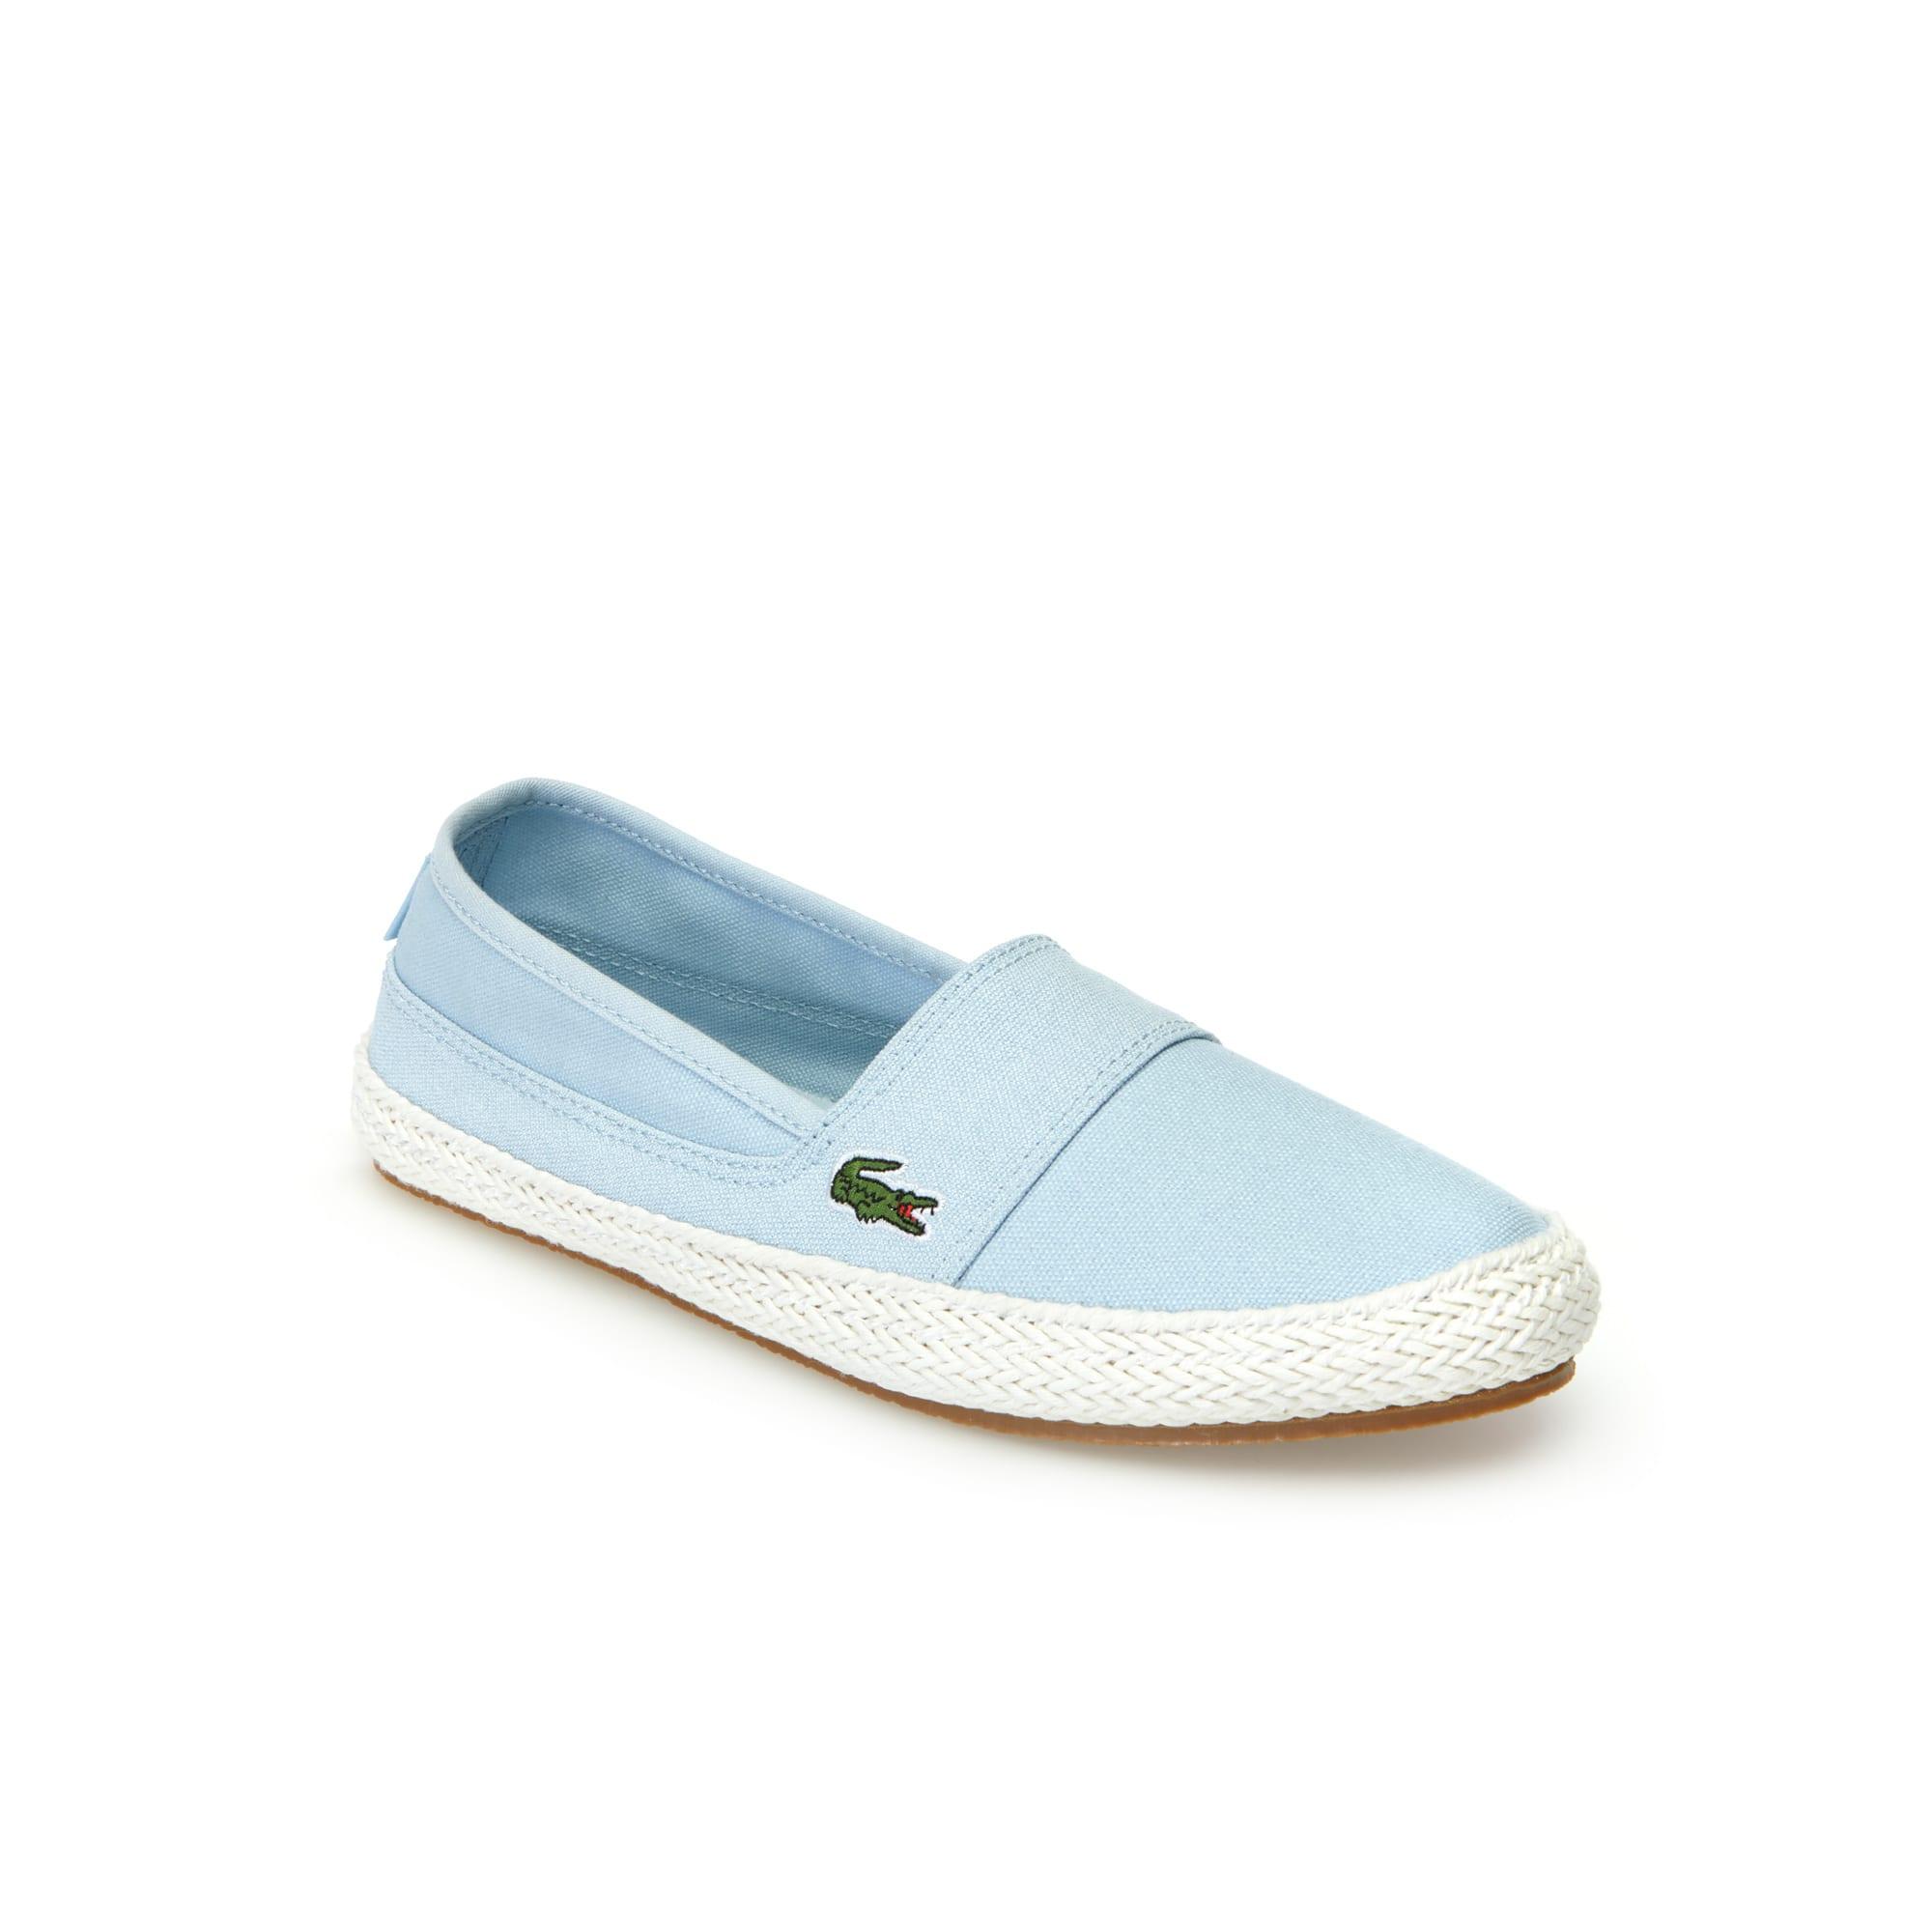 أحذية بدون رباط سهلة الأرتداء من قماش الكنفا Marice للسيدات